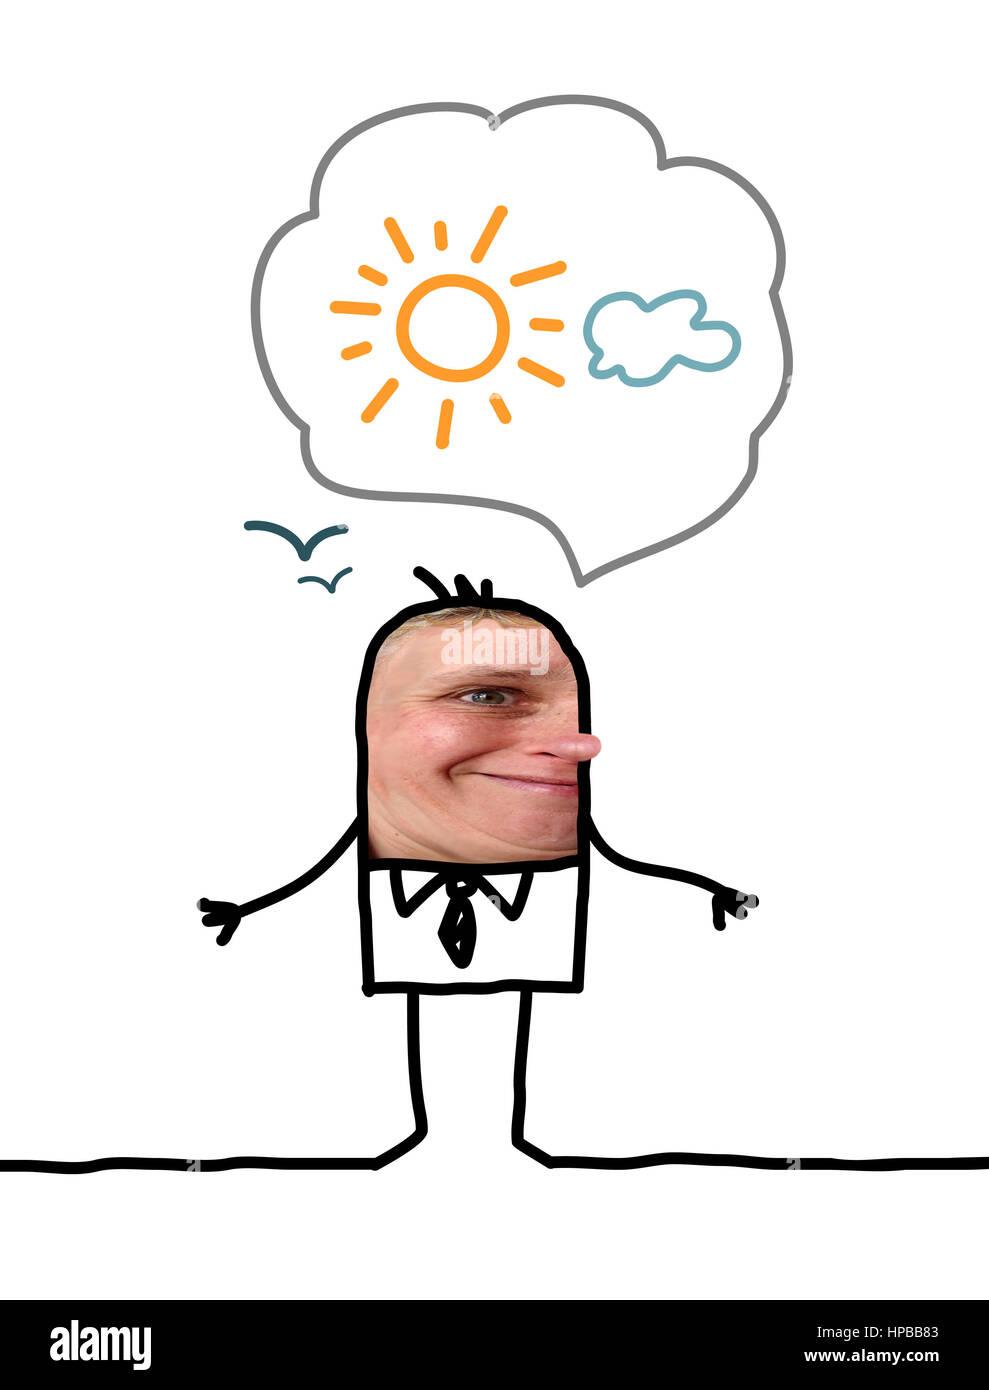 Cartoon people - Optimistic man - Stock Image